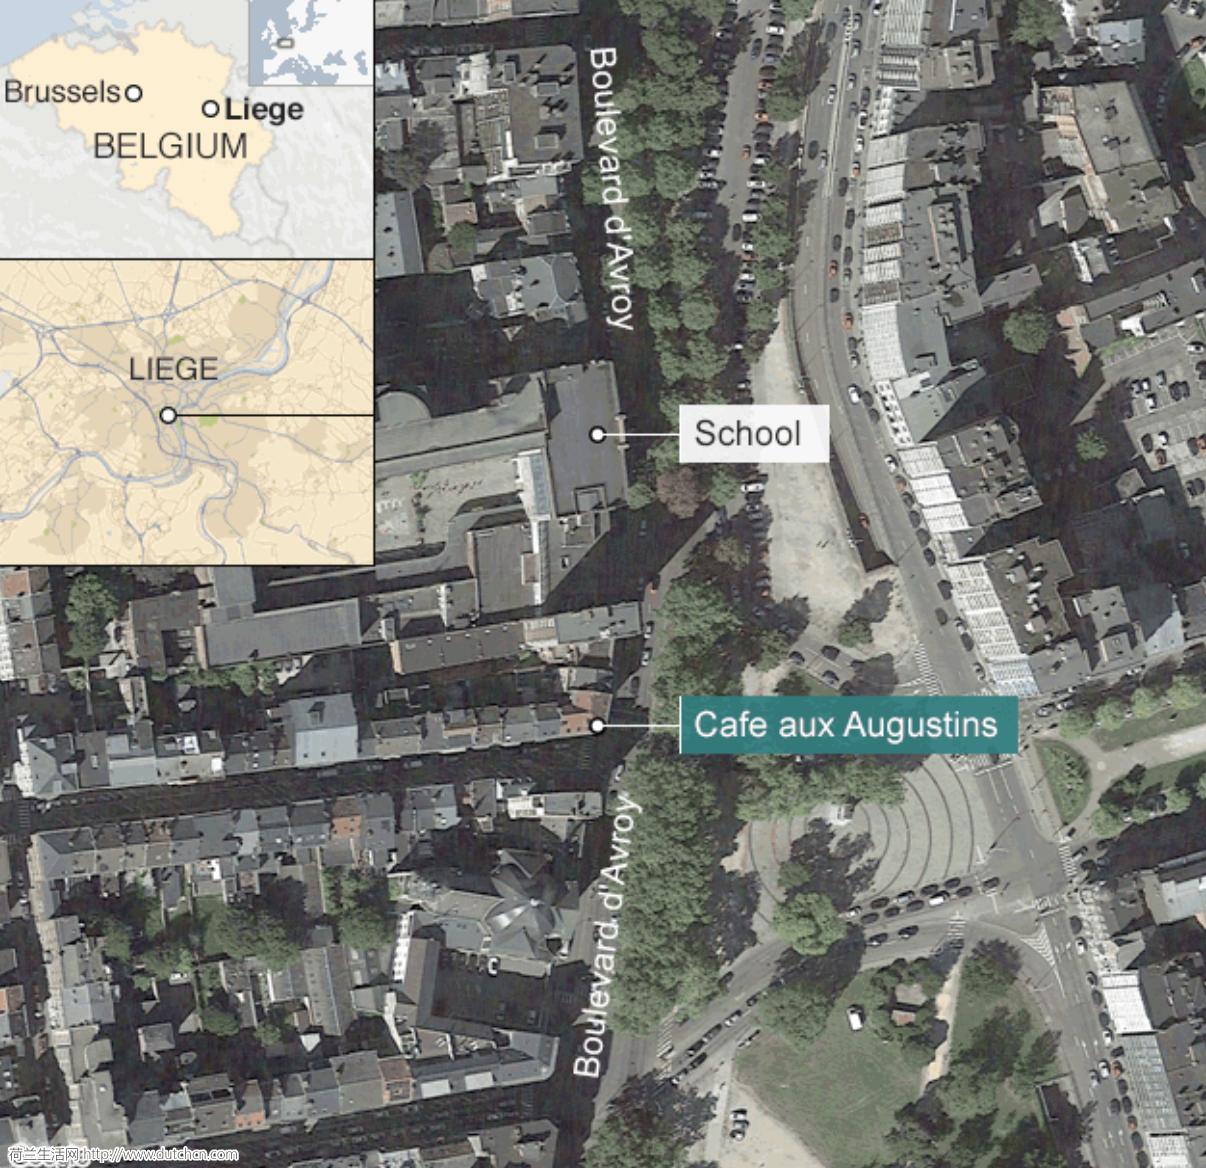 突发!比利时再现恐怖事件!3人死亡,多名警察受伤!无华人受伤…